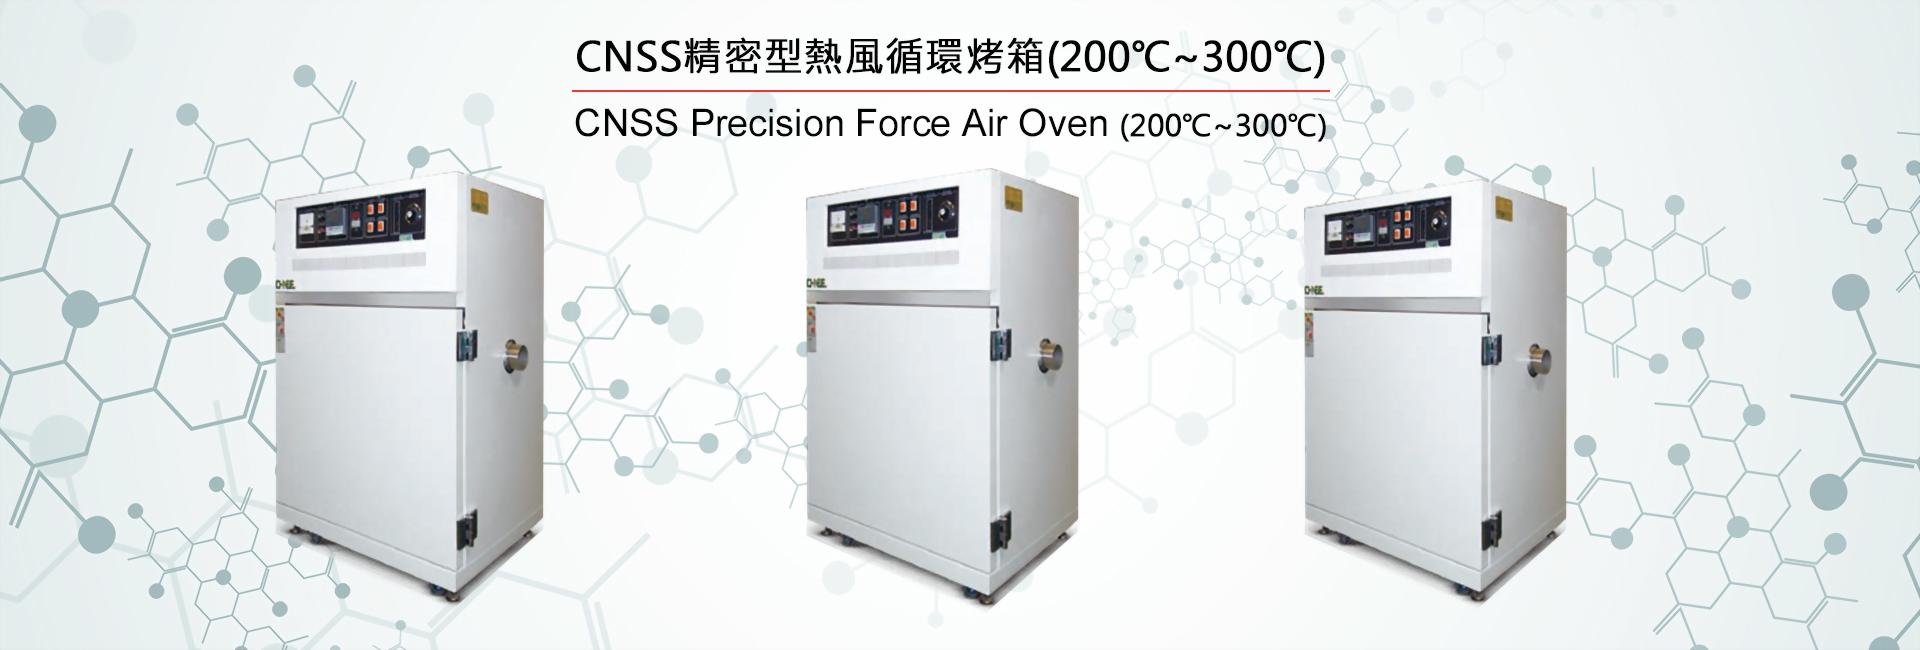 天宜科技 - 無氧無塵熱風循環烤箱